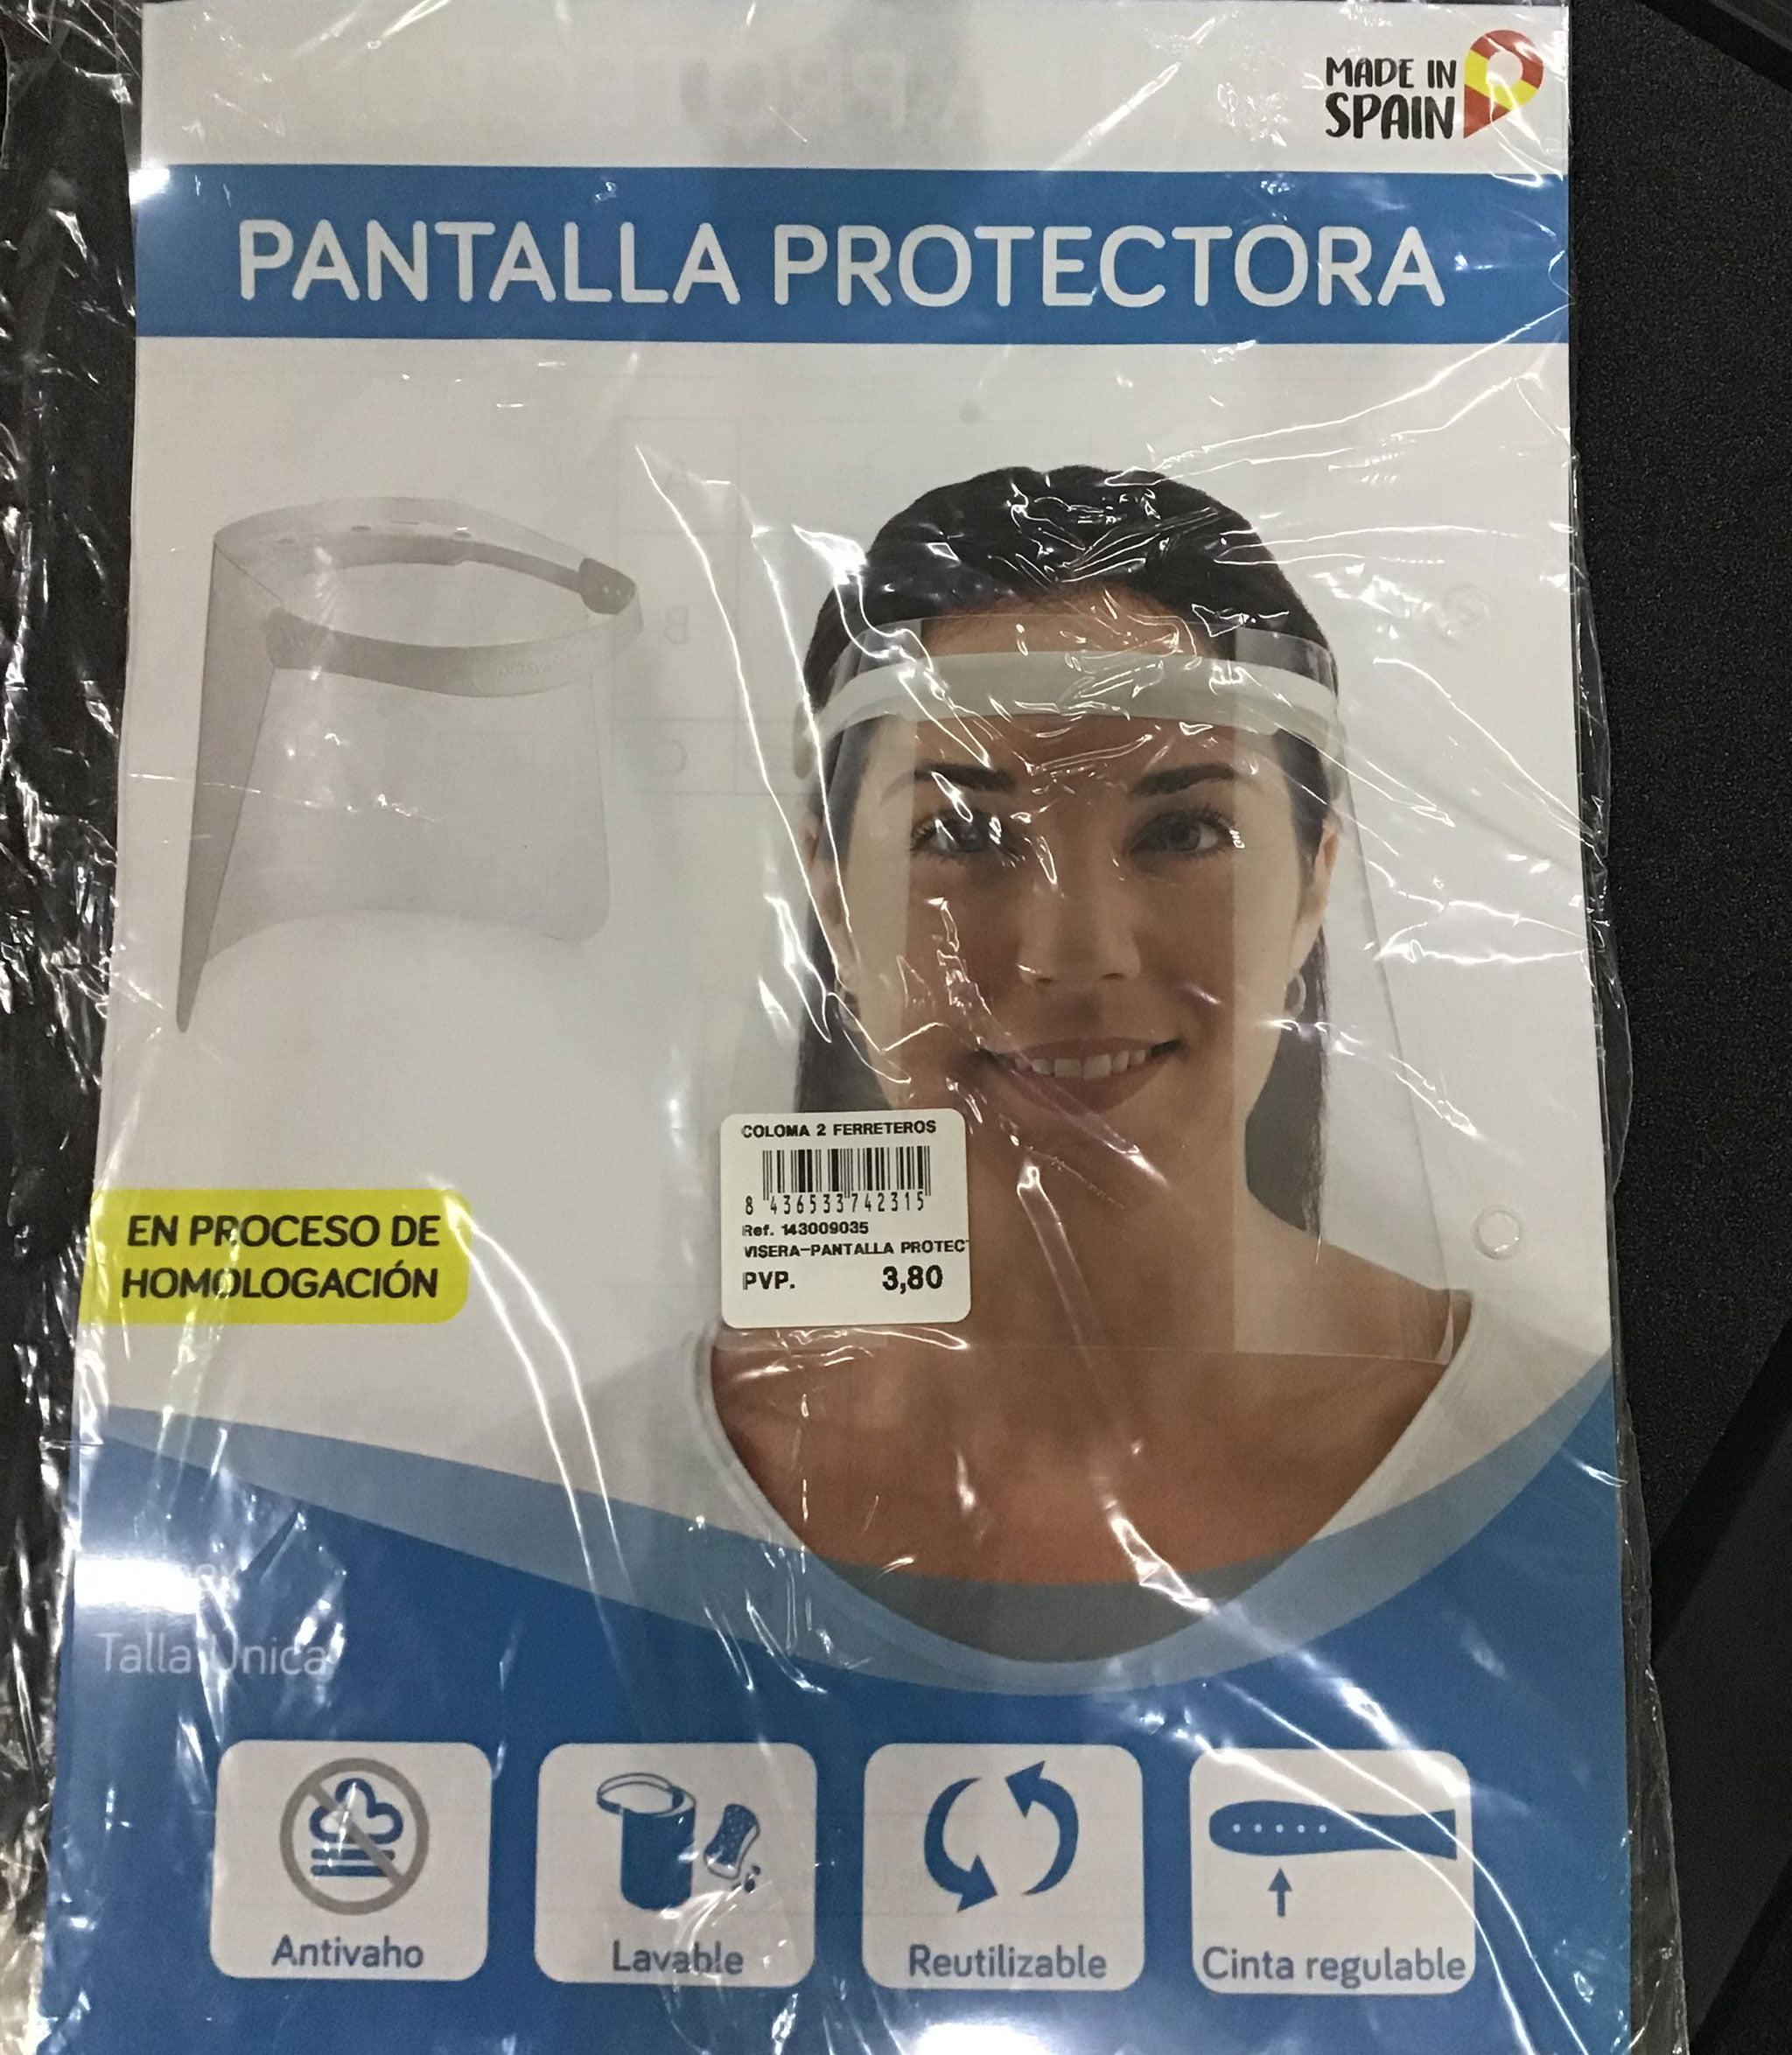 Pantalla protectora – Coloma 2 Ferreteros